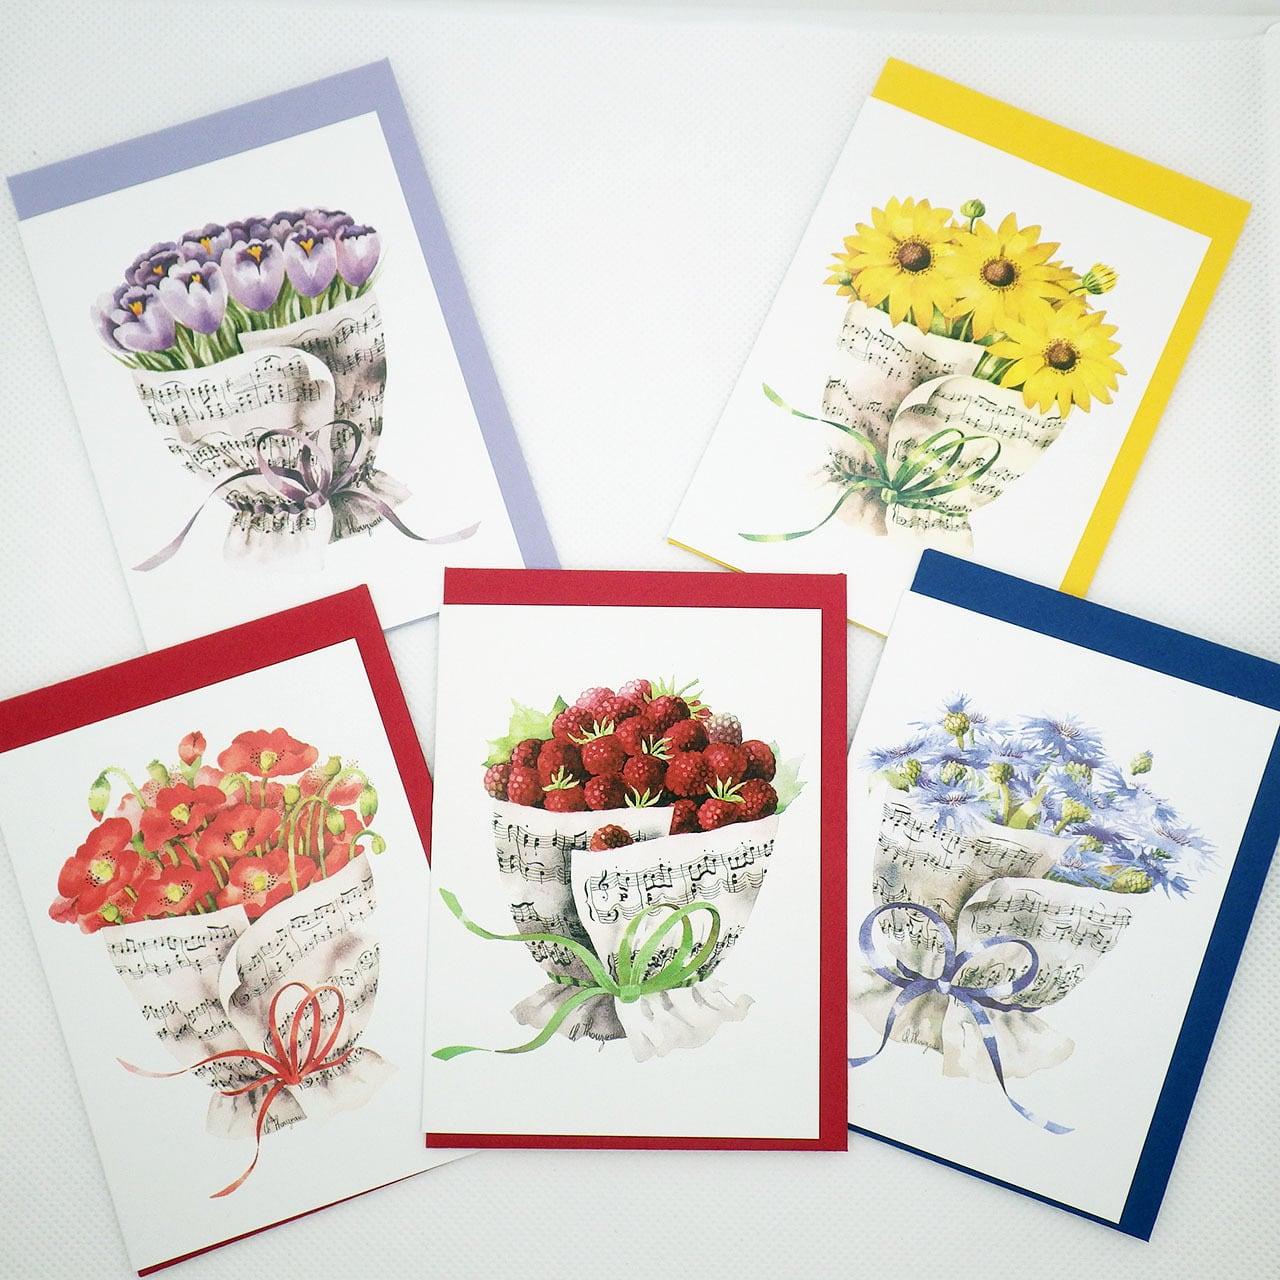 音楽の花束【ラズベリー】 メッセージカード5枚セット ドイツ製